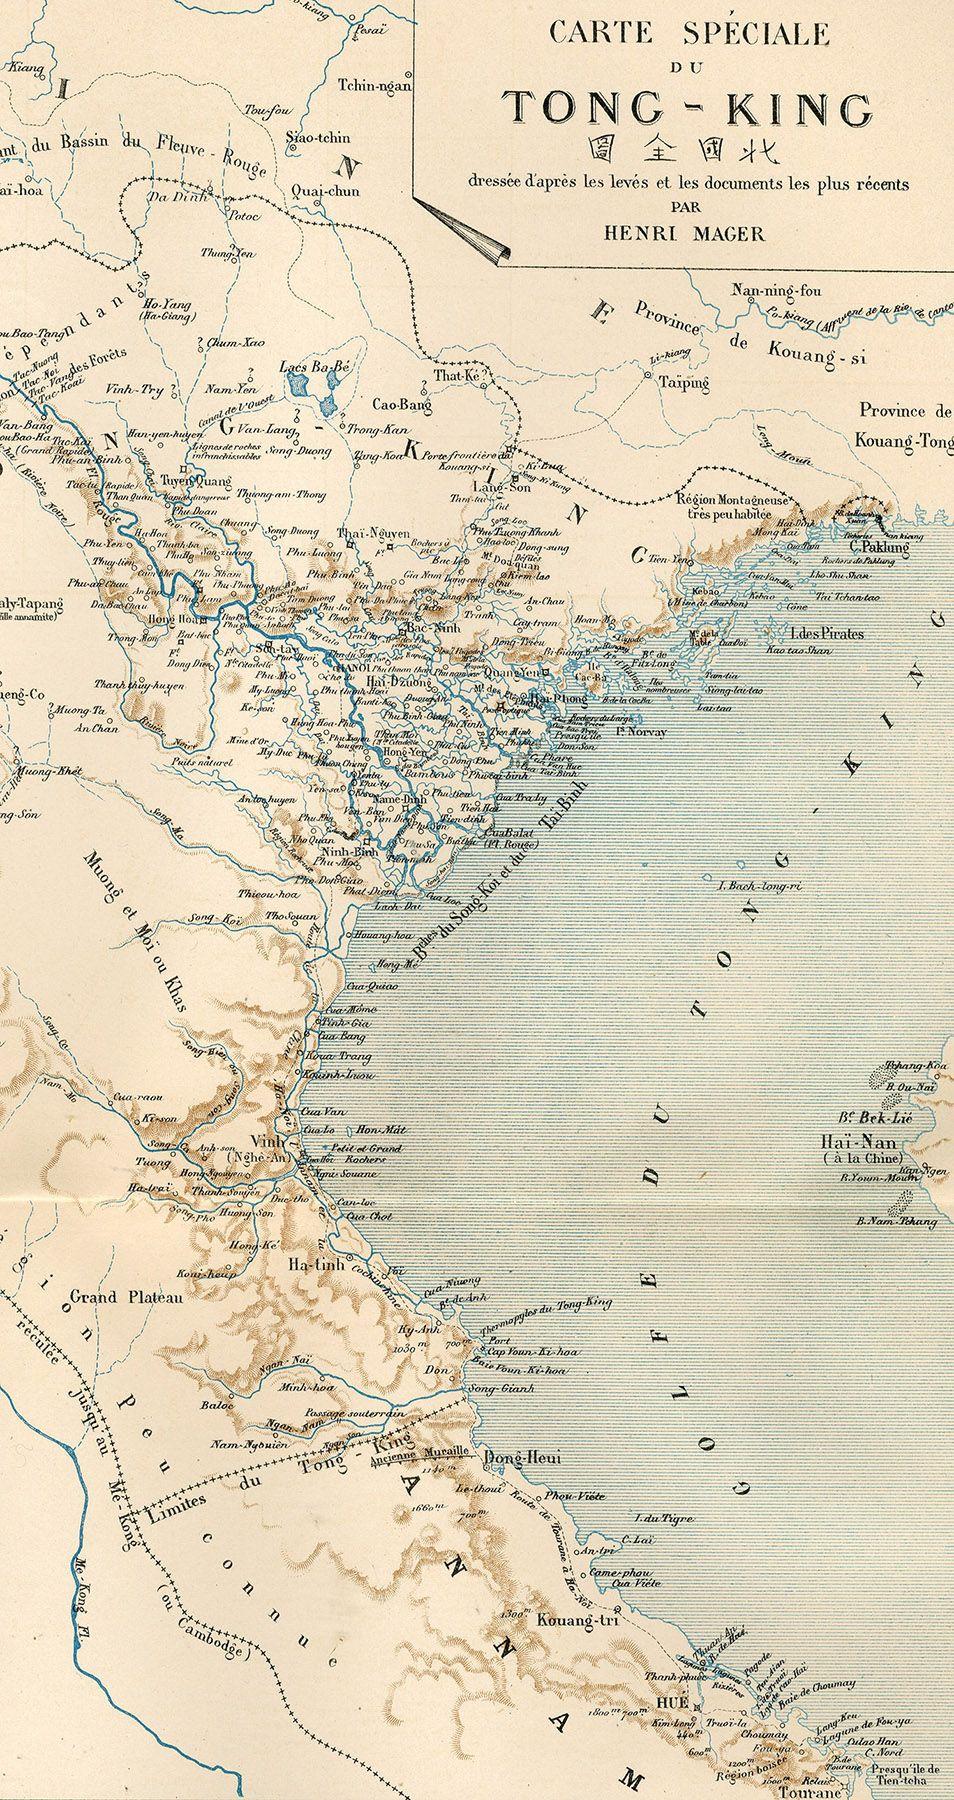 Fonte figura 1: H. Mager, Carte spéciale du Tong-king dressée d'après les levés et les documents les plus récents, Atlas Colonial, Paris 1890, Charles Bayle éditeur, f.t.